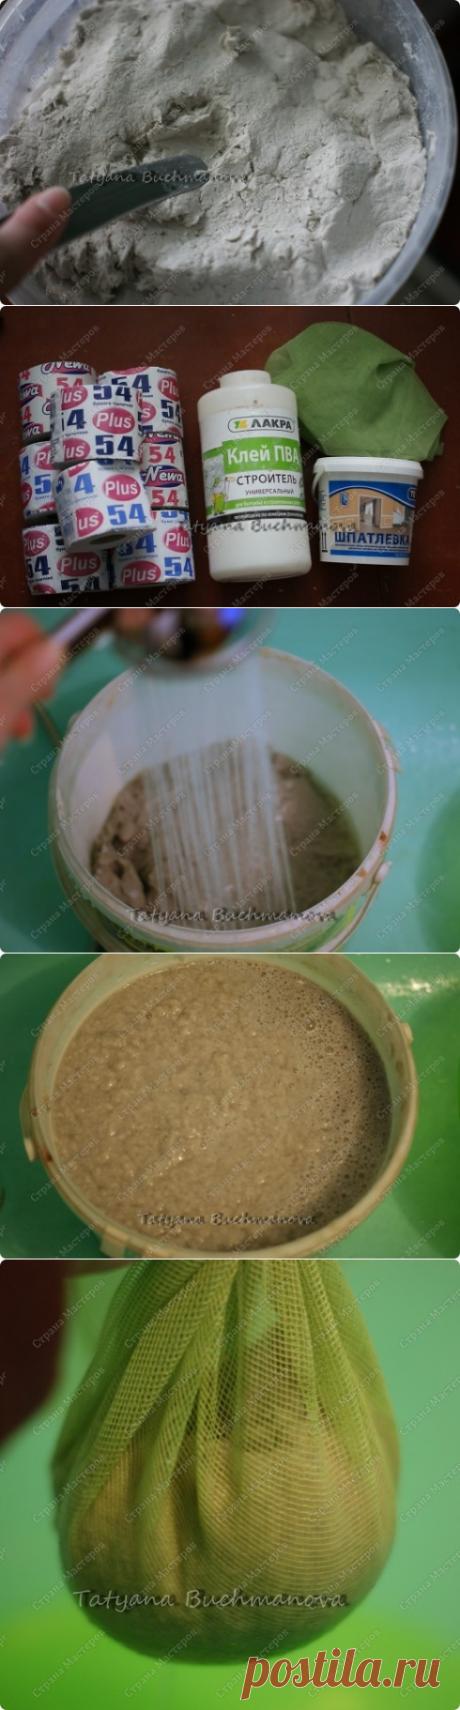 Пластичная масса папье-маше. Два рецепта приготовления